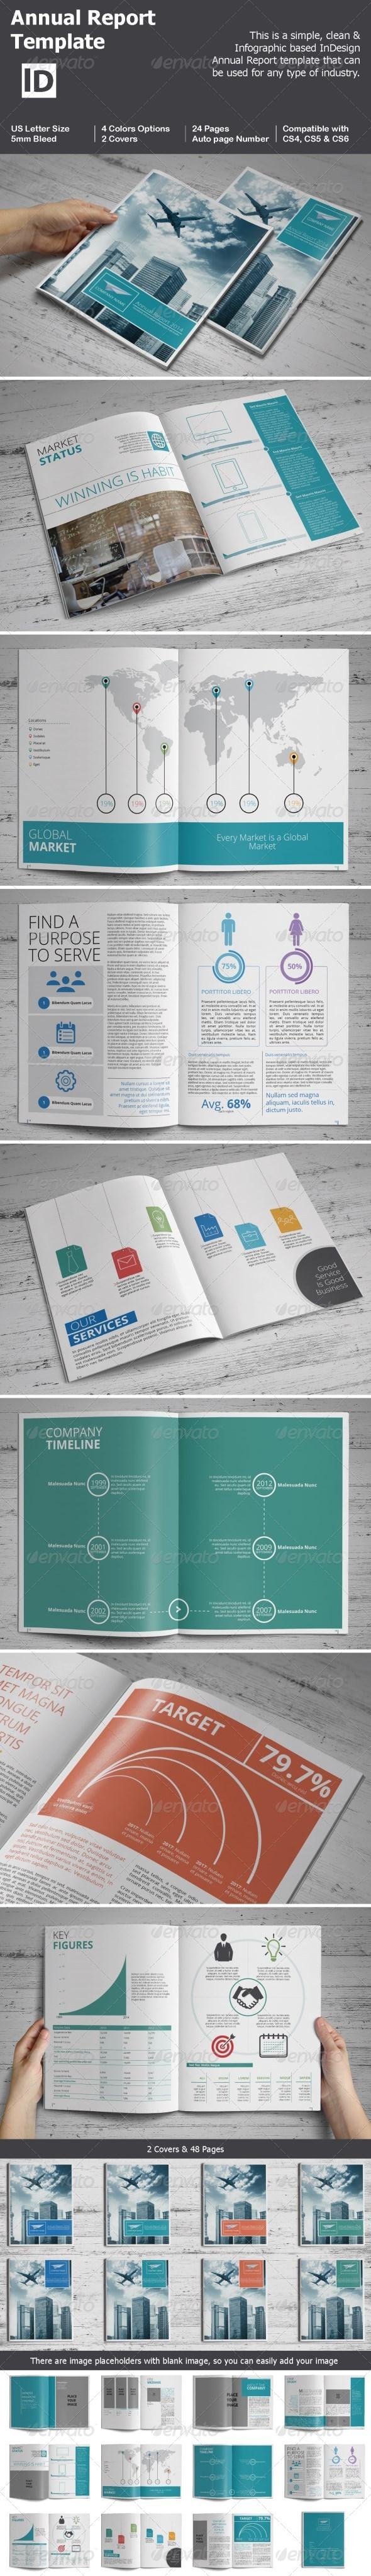 GraphicRiver Annual Report Template 7642611